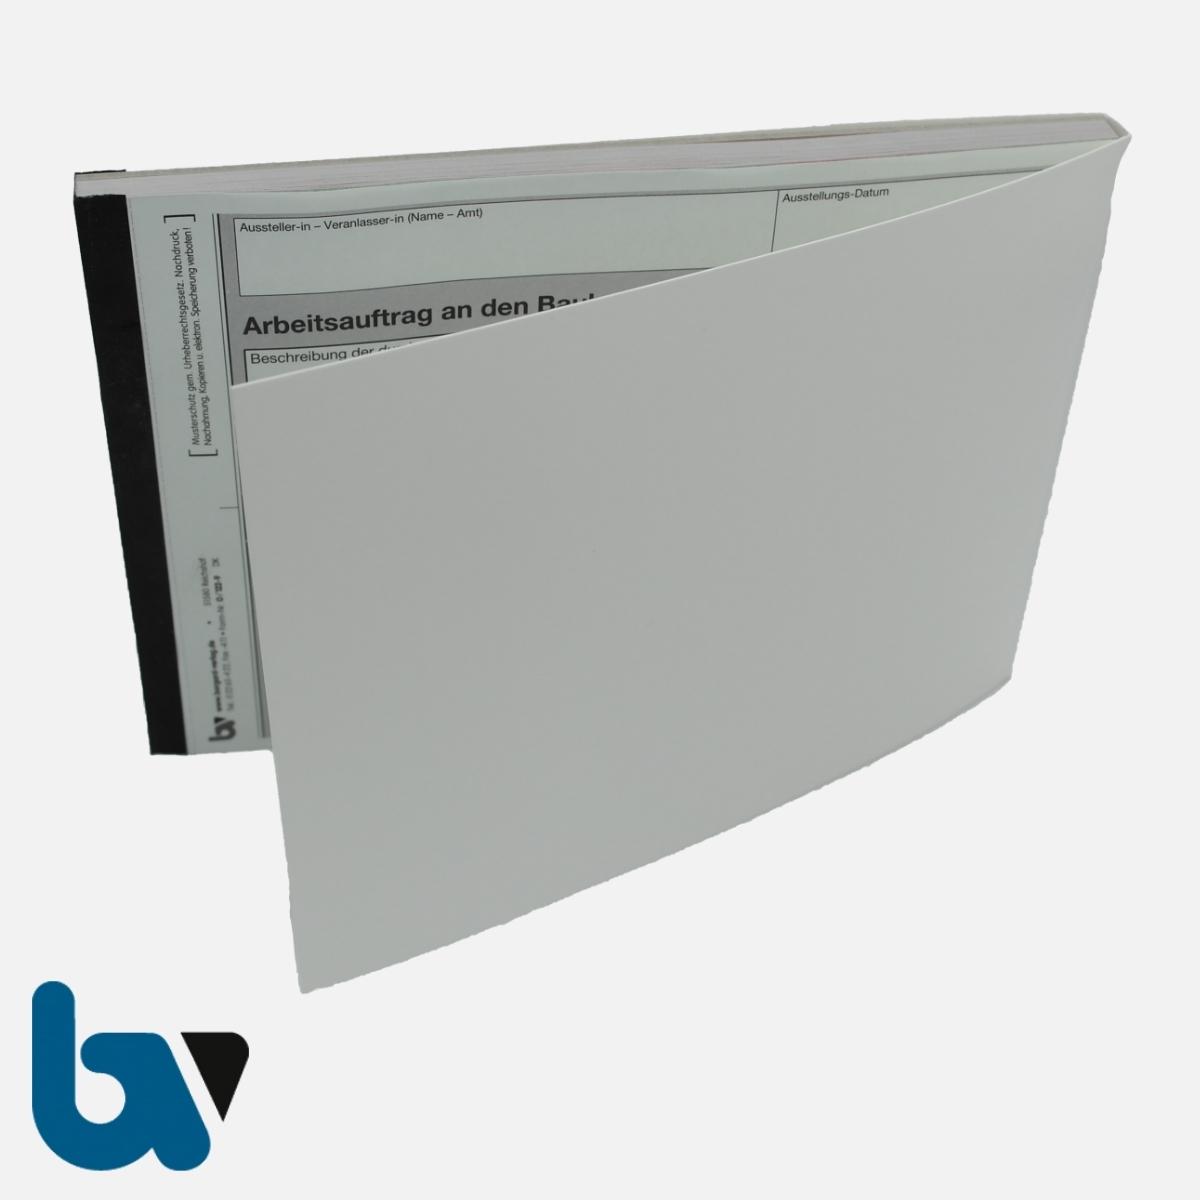 0/122-9 Arbeitsauftrag Bauhof selbstdurchschreibend Einschlagdeckel DIN A5 3-fach VS | Borgard Verlag GmbH